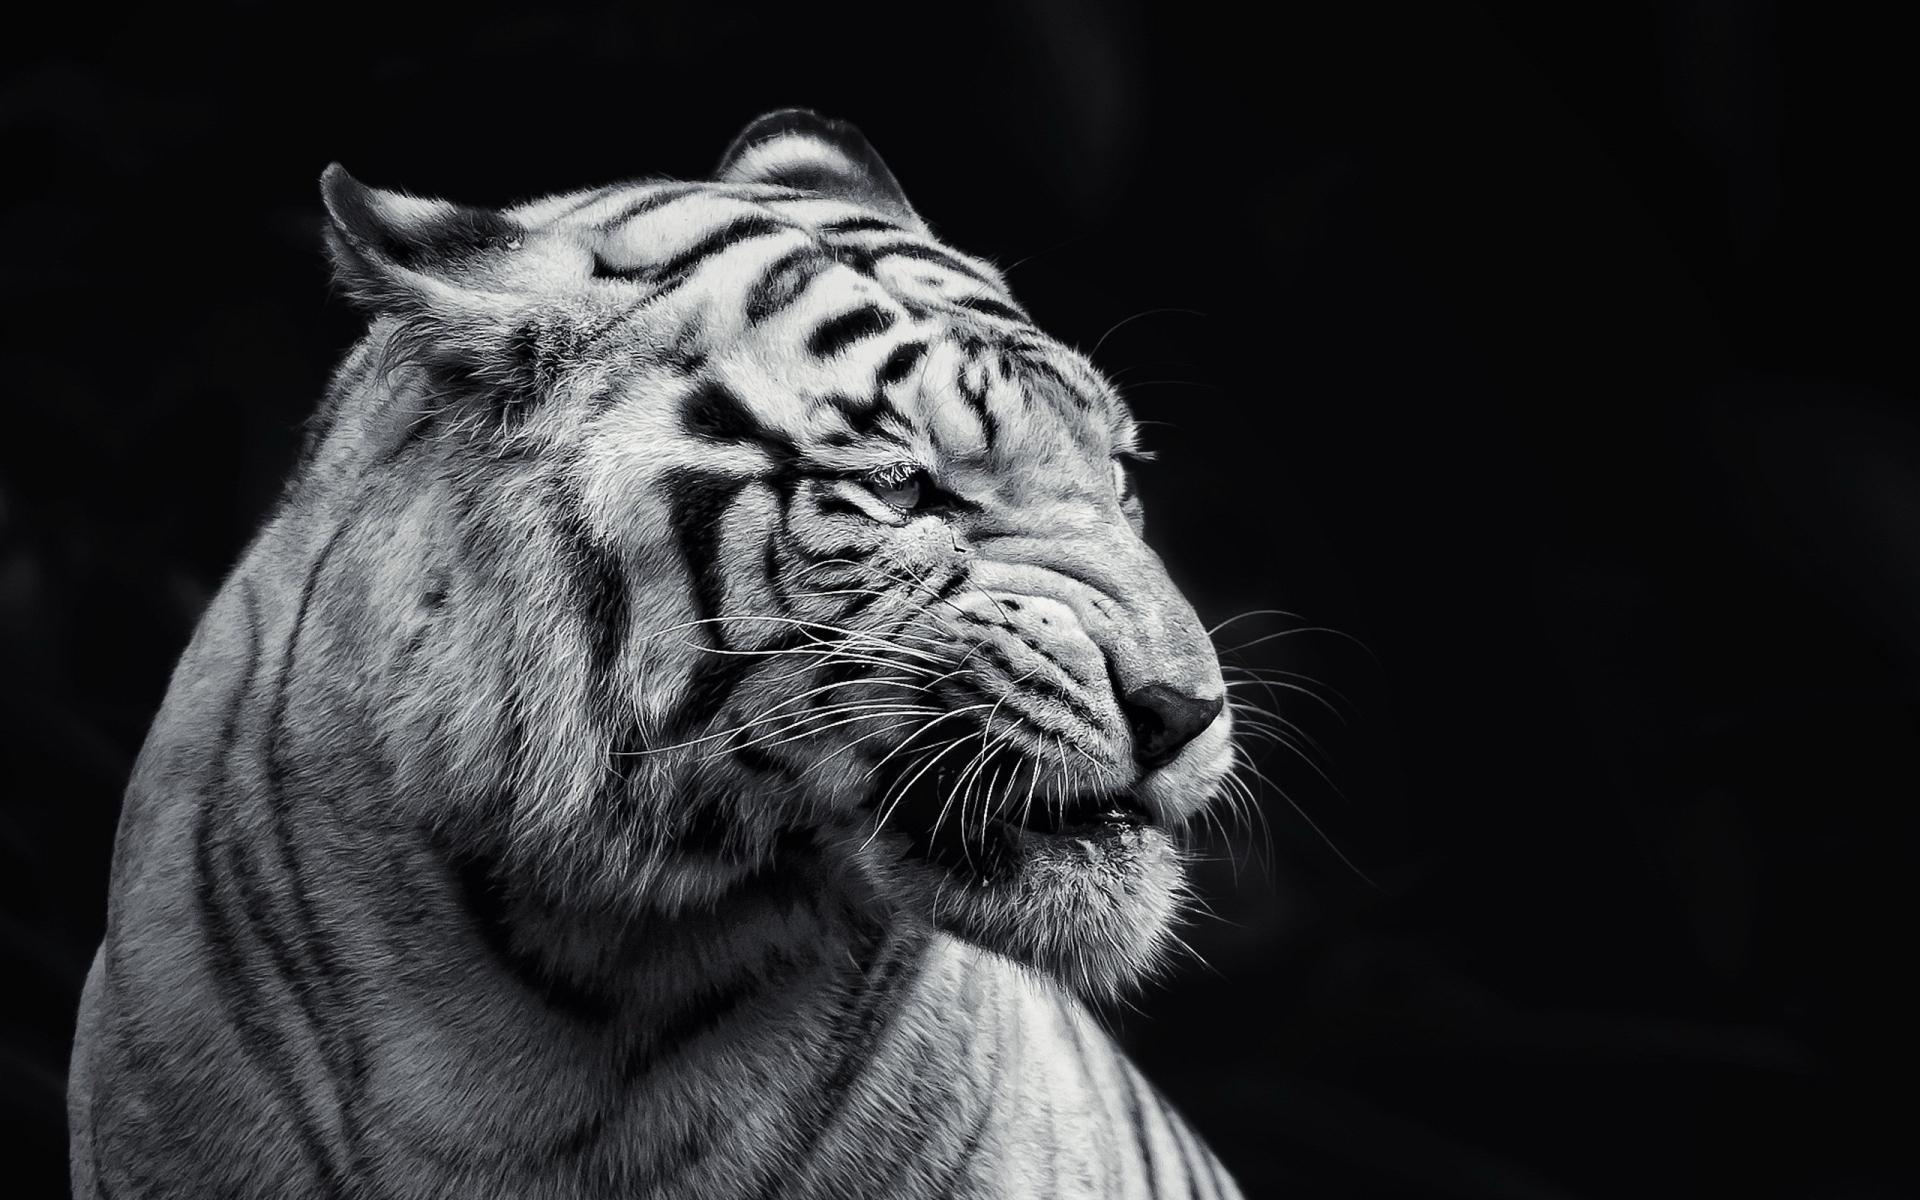 tiger 1080